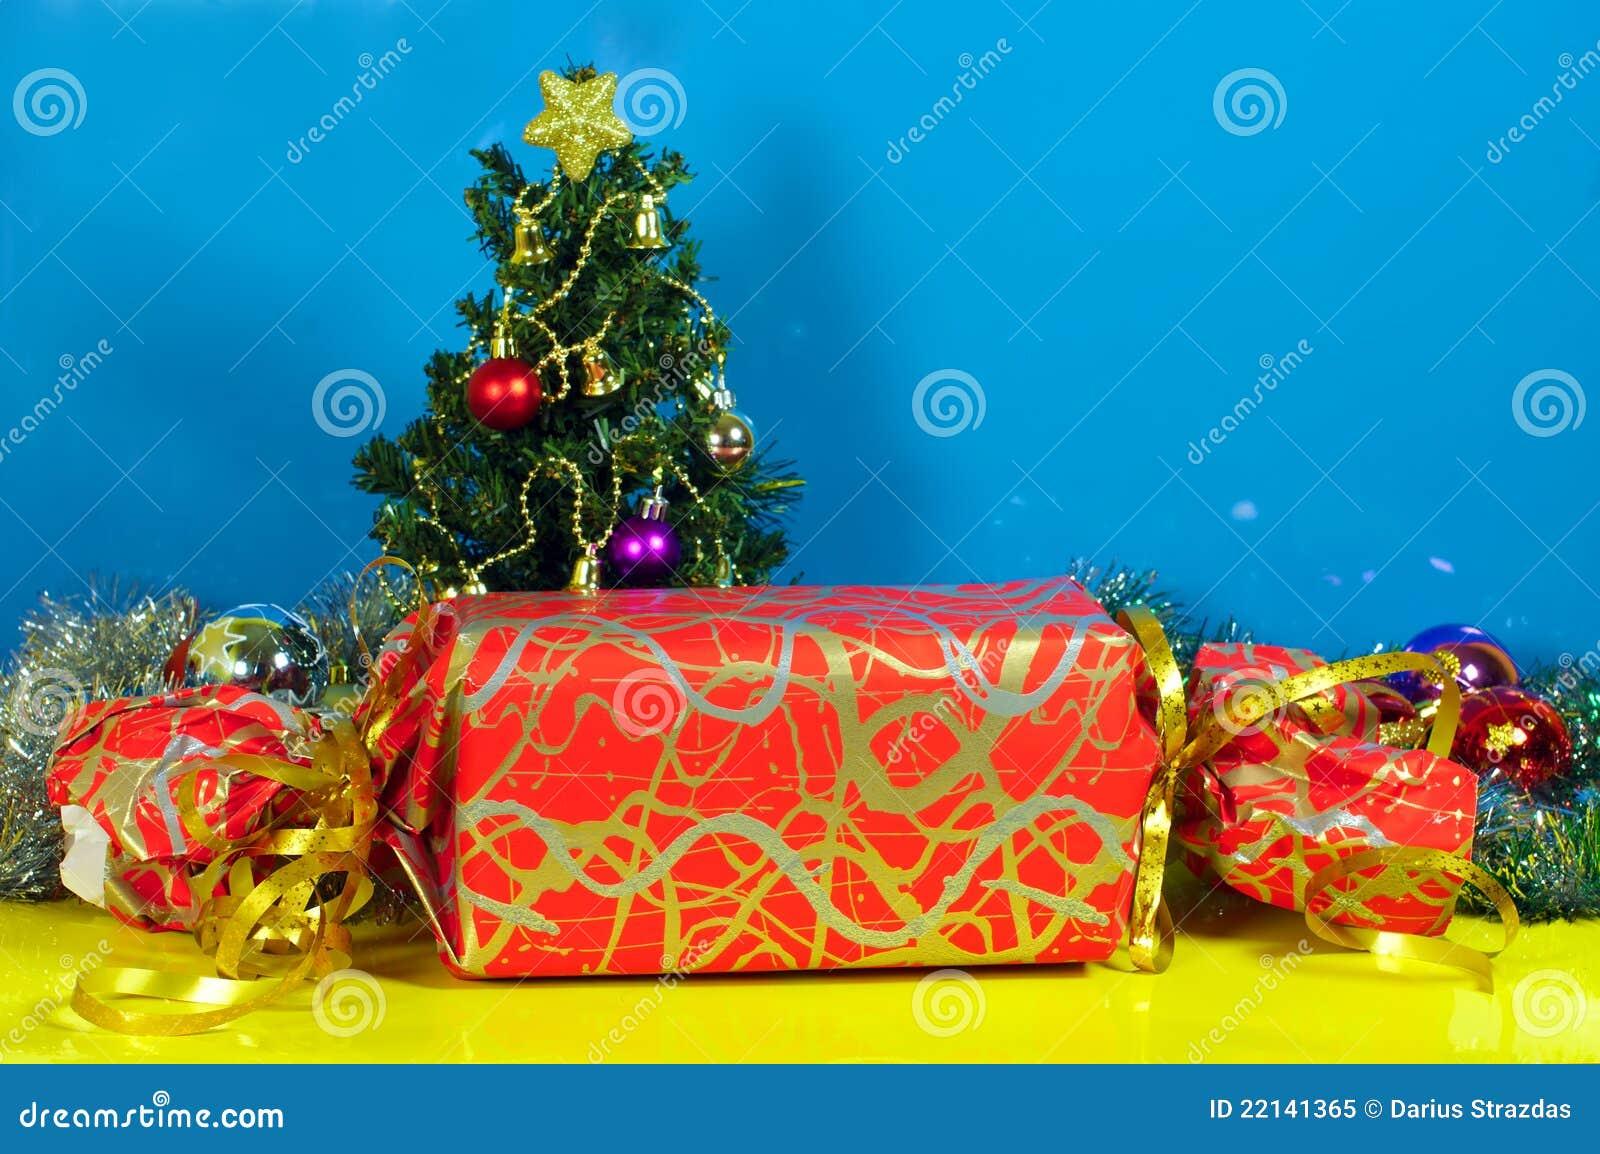 Sehr Großes Weihnachtsgeschenk Und Wenig Baum Stockbild - Bild von ...